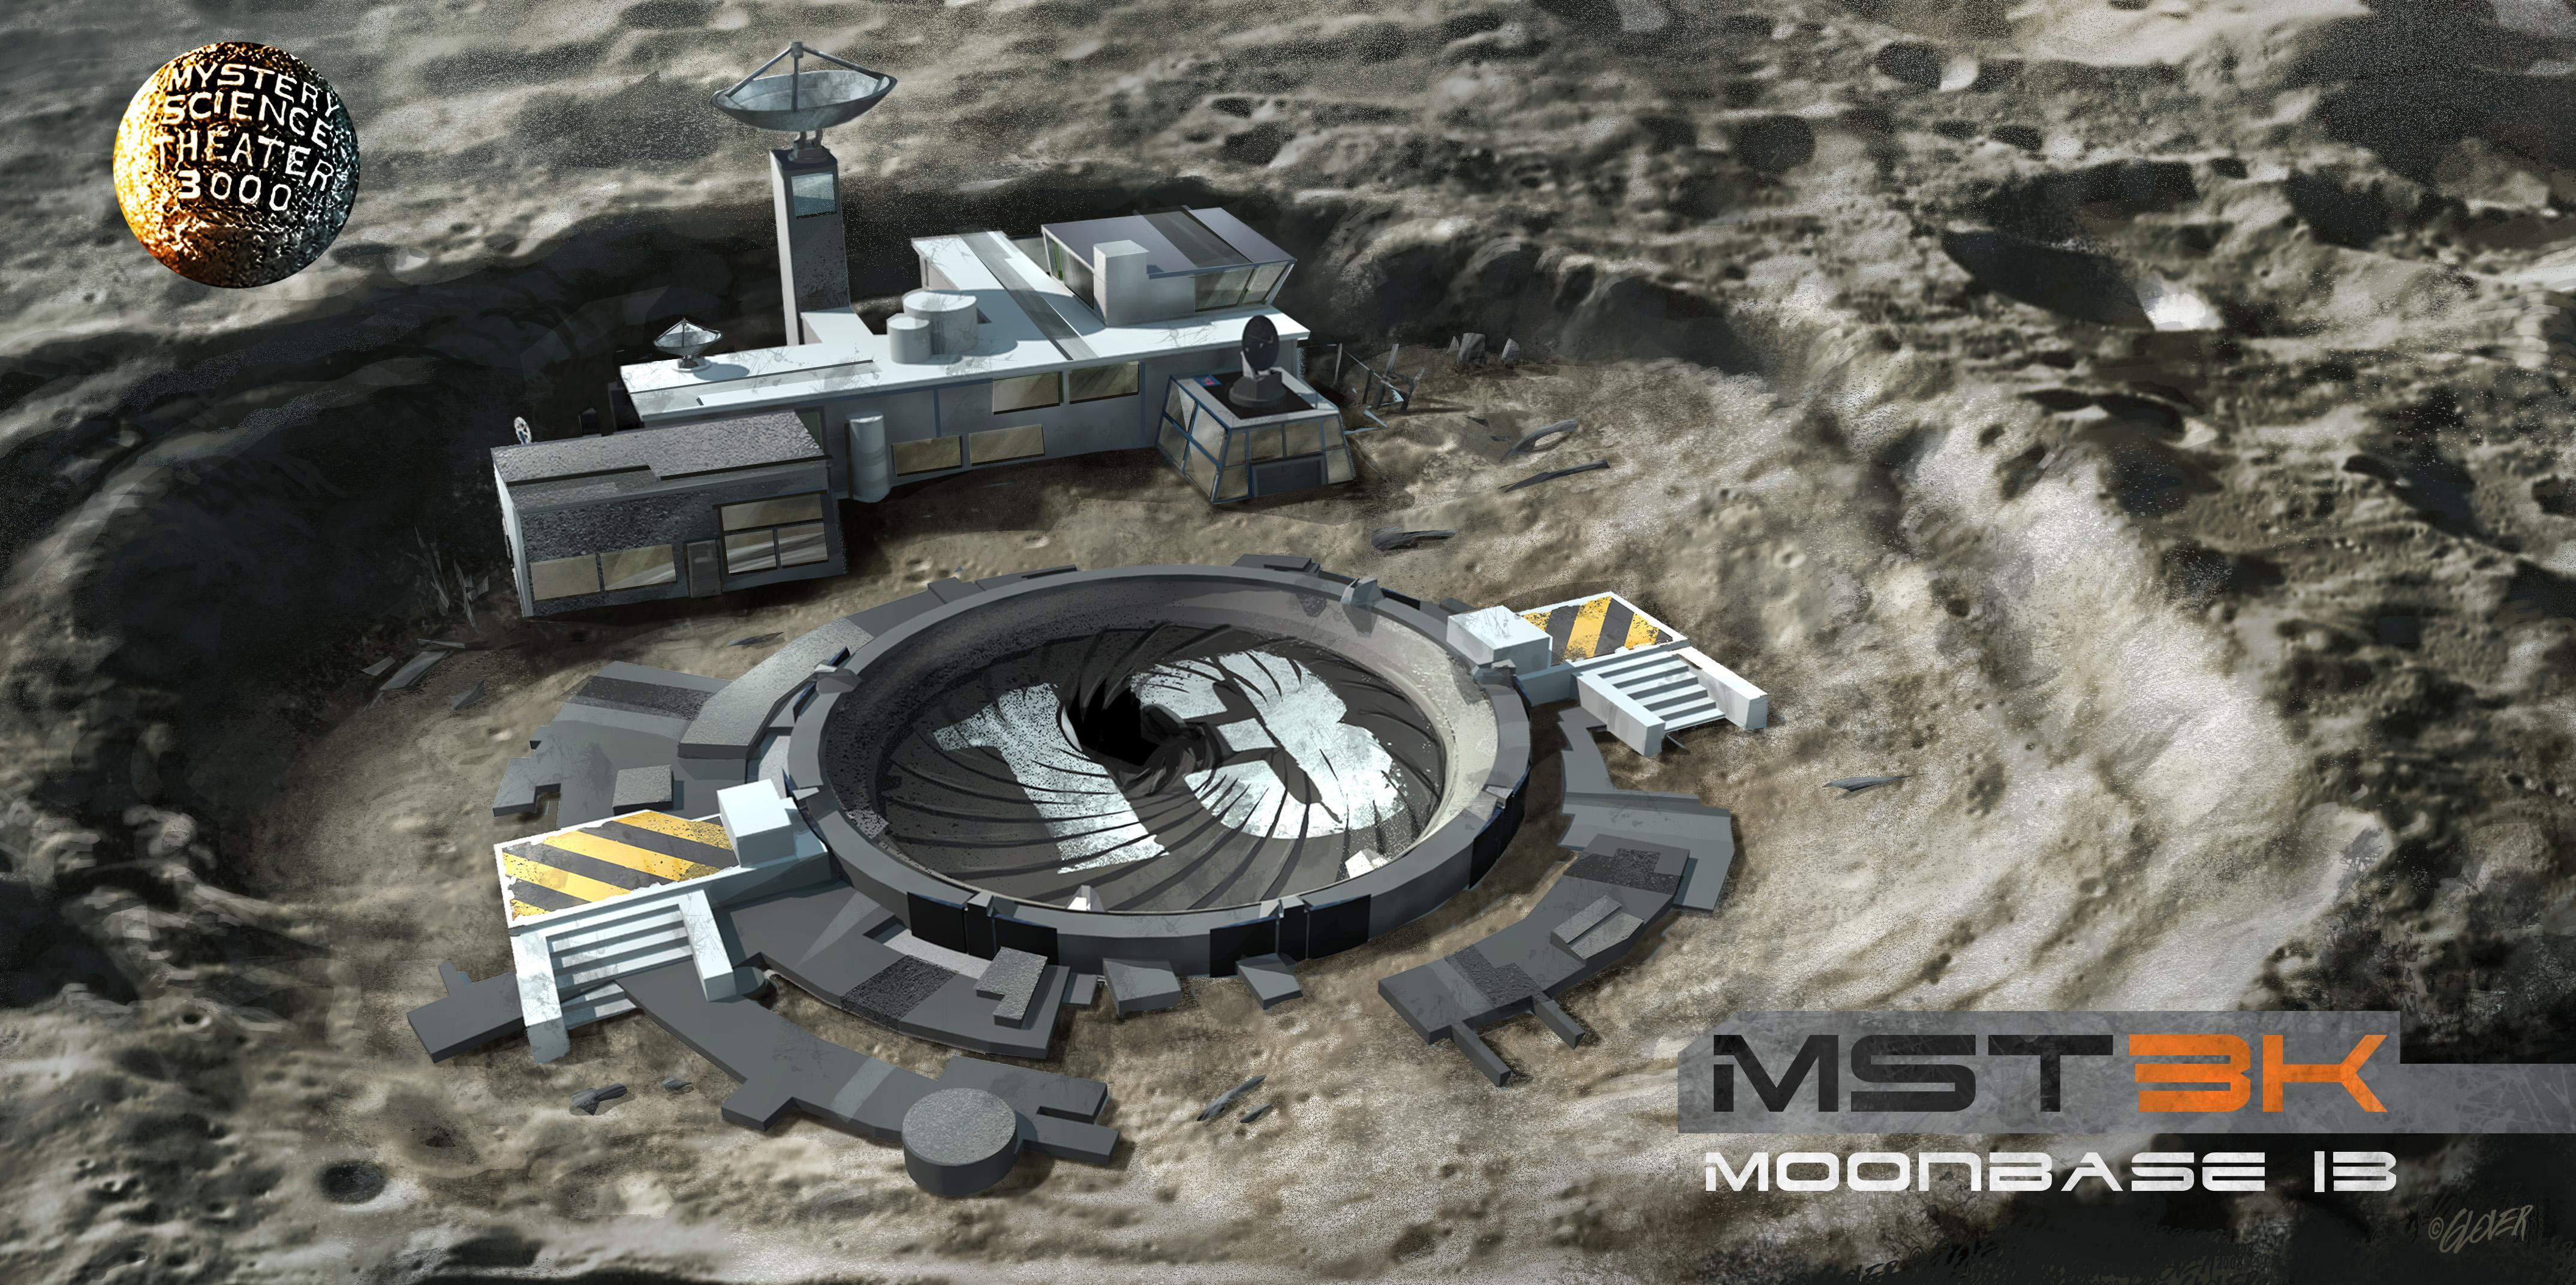 MST3K_moonbase_13_abandoned